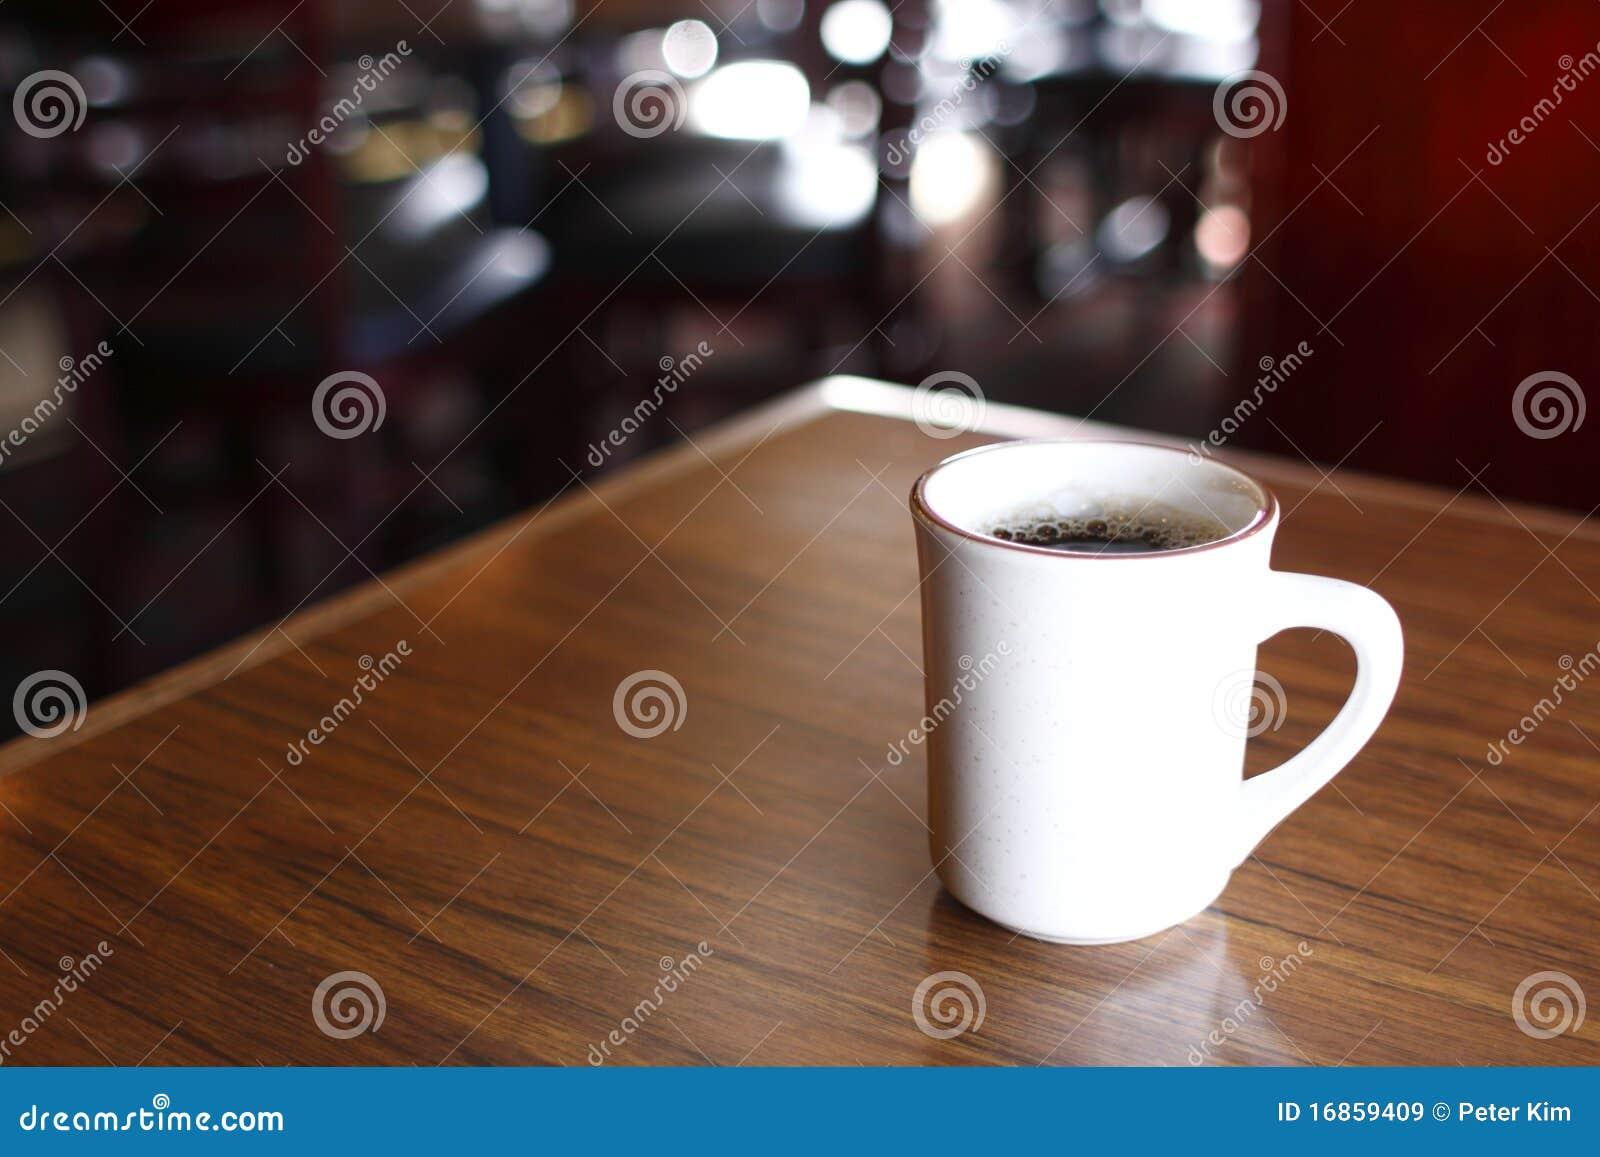 Coffee mug on table stock image image of inside table 16859409 coffee mug on table geotapseo Gallery